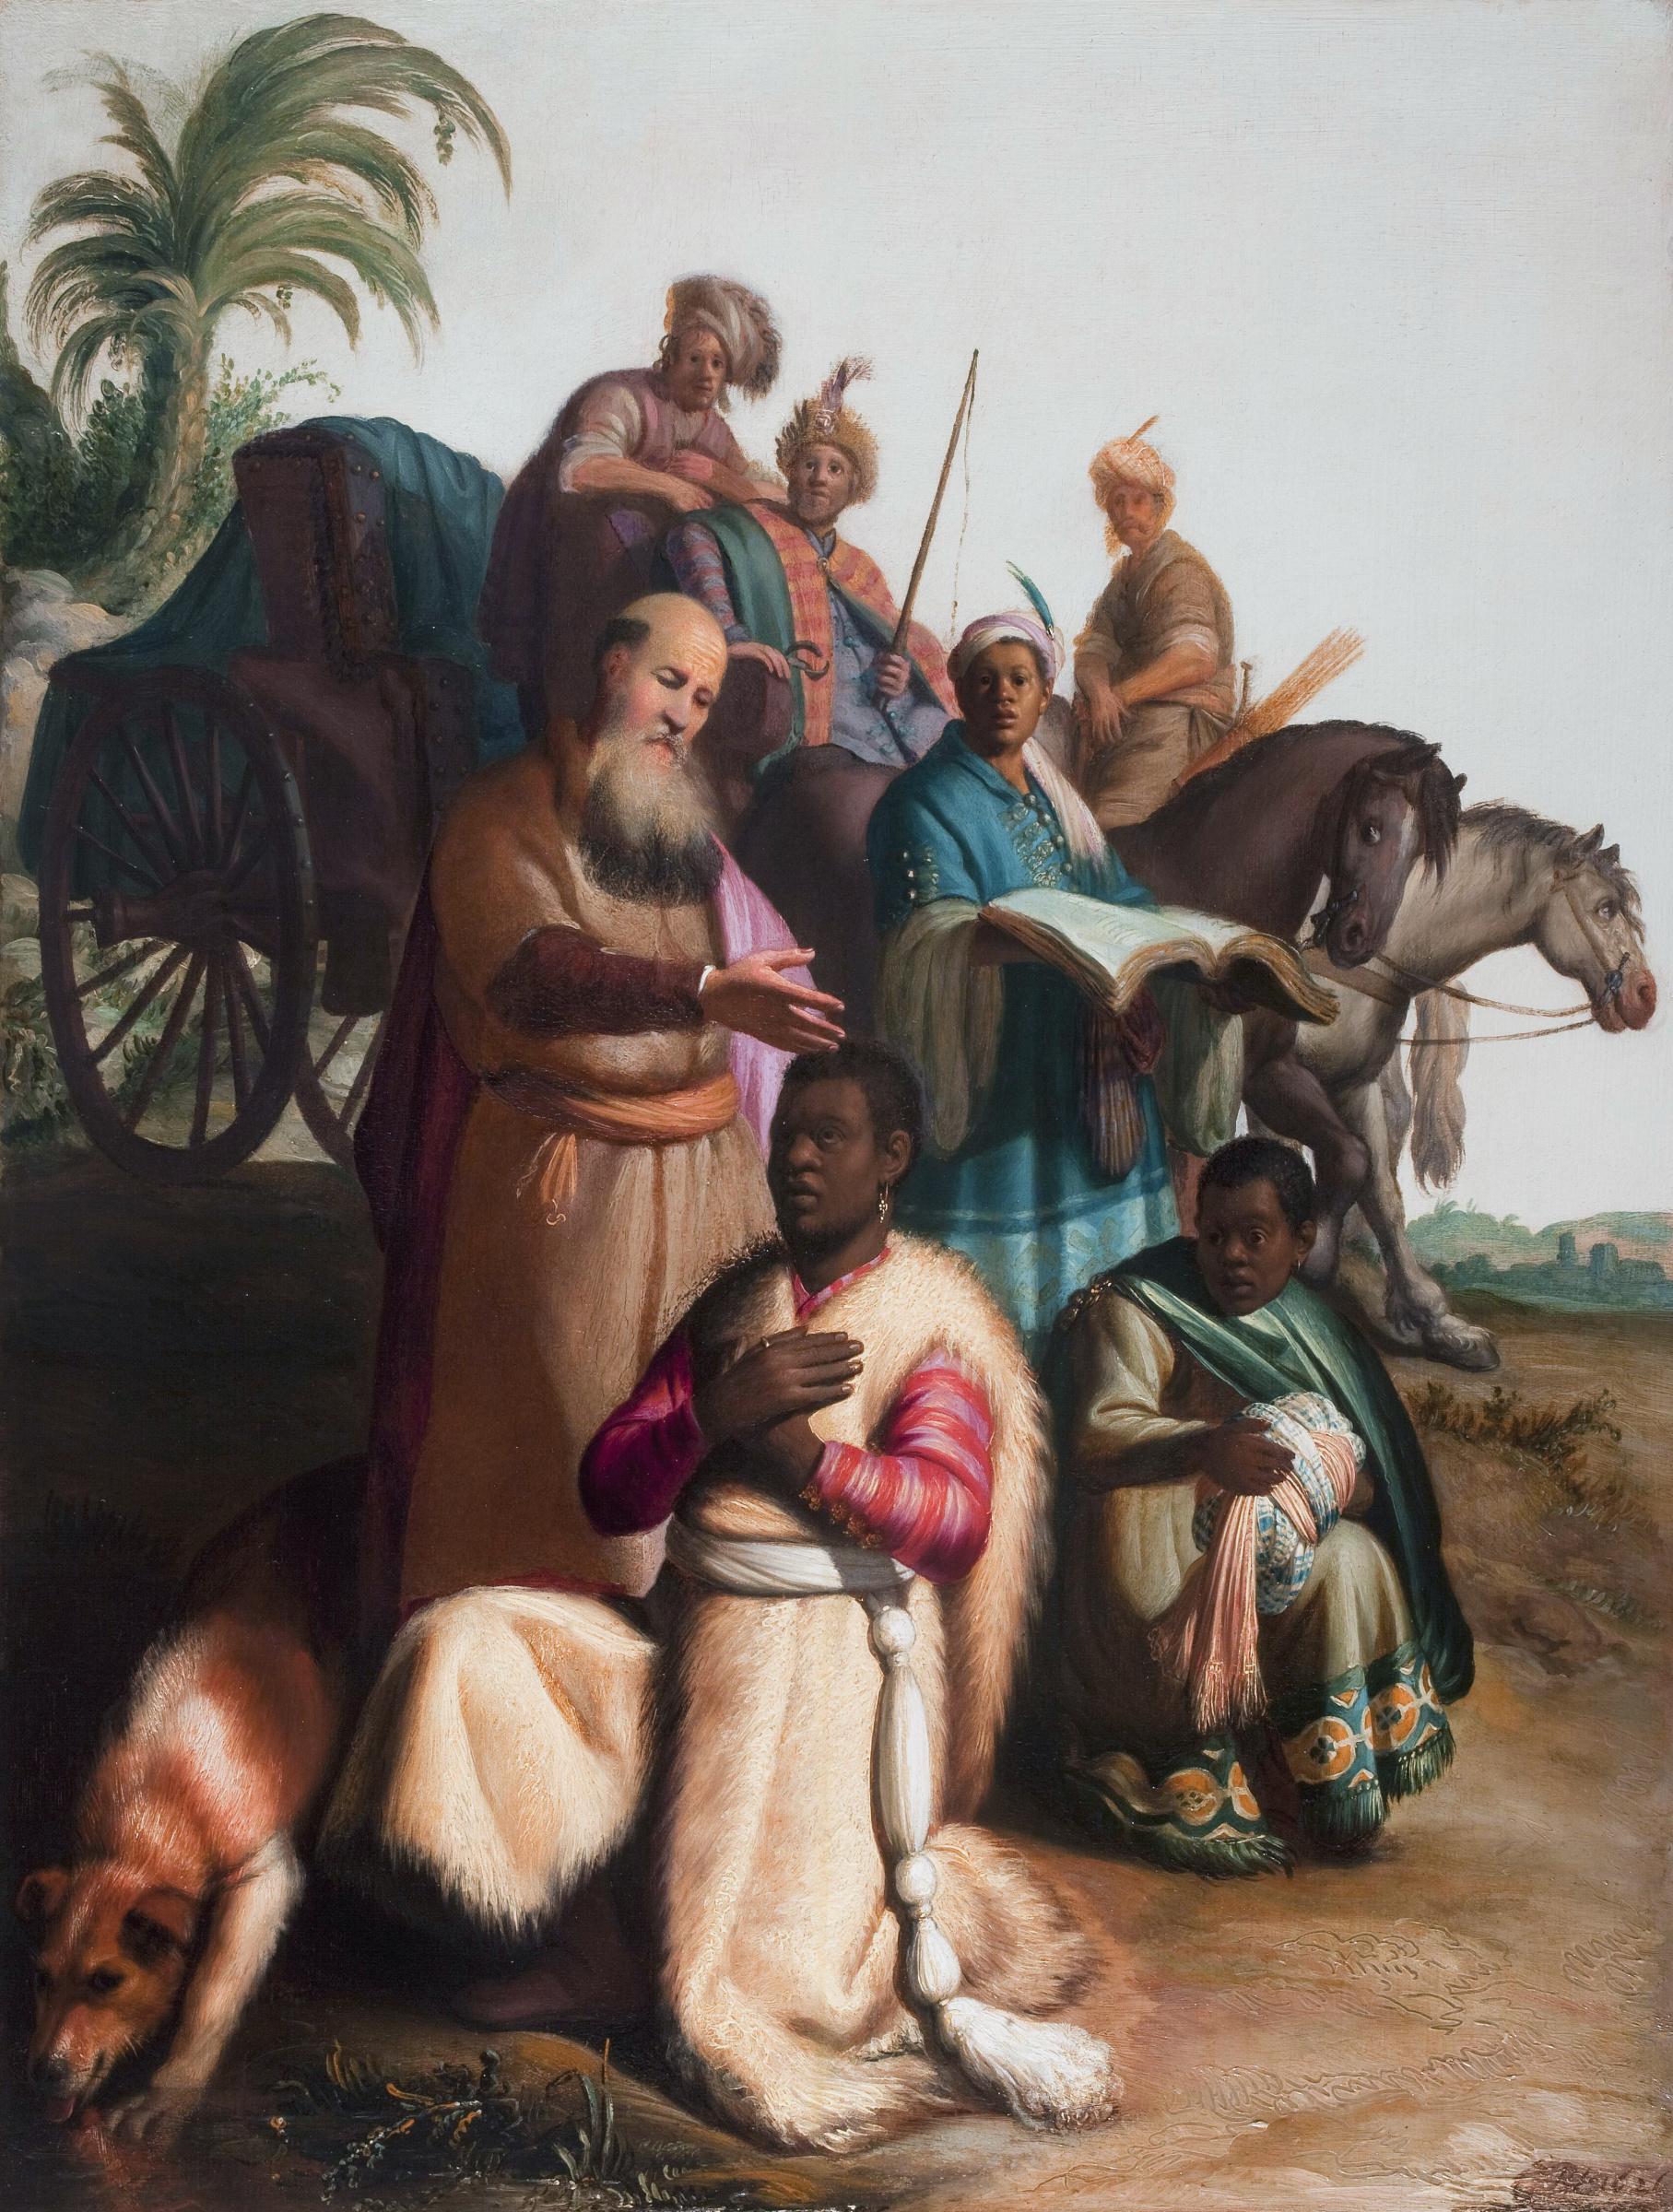 Рембрандт Харменс ван Рейн. Крещение евнуха